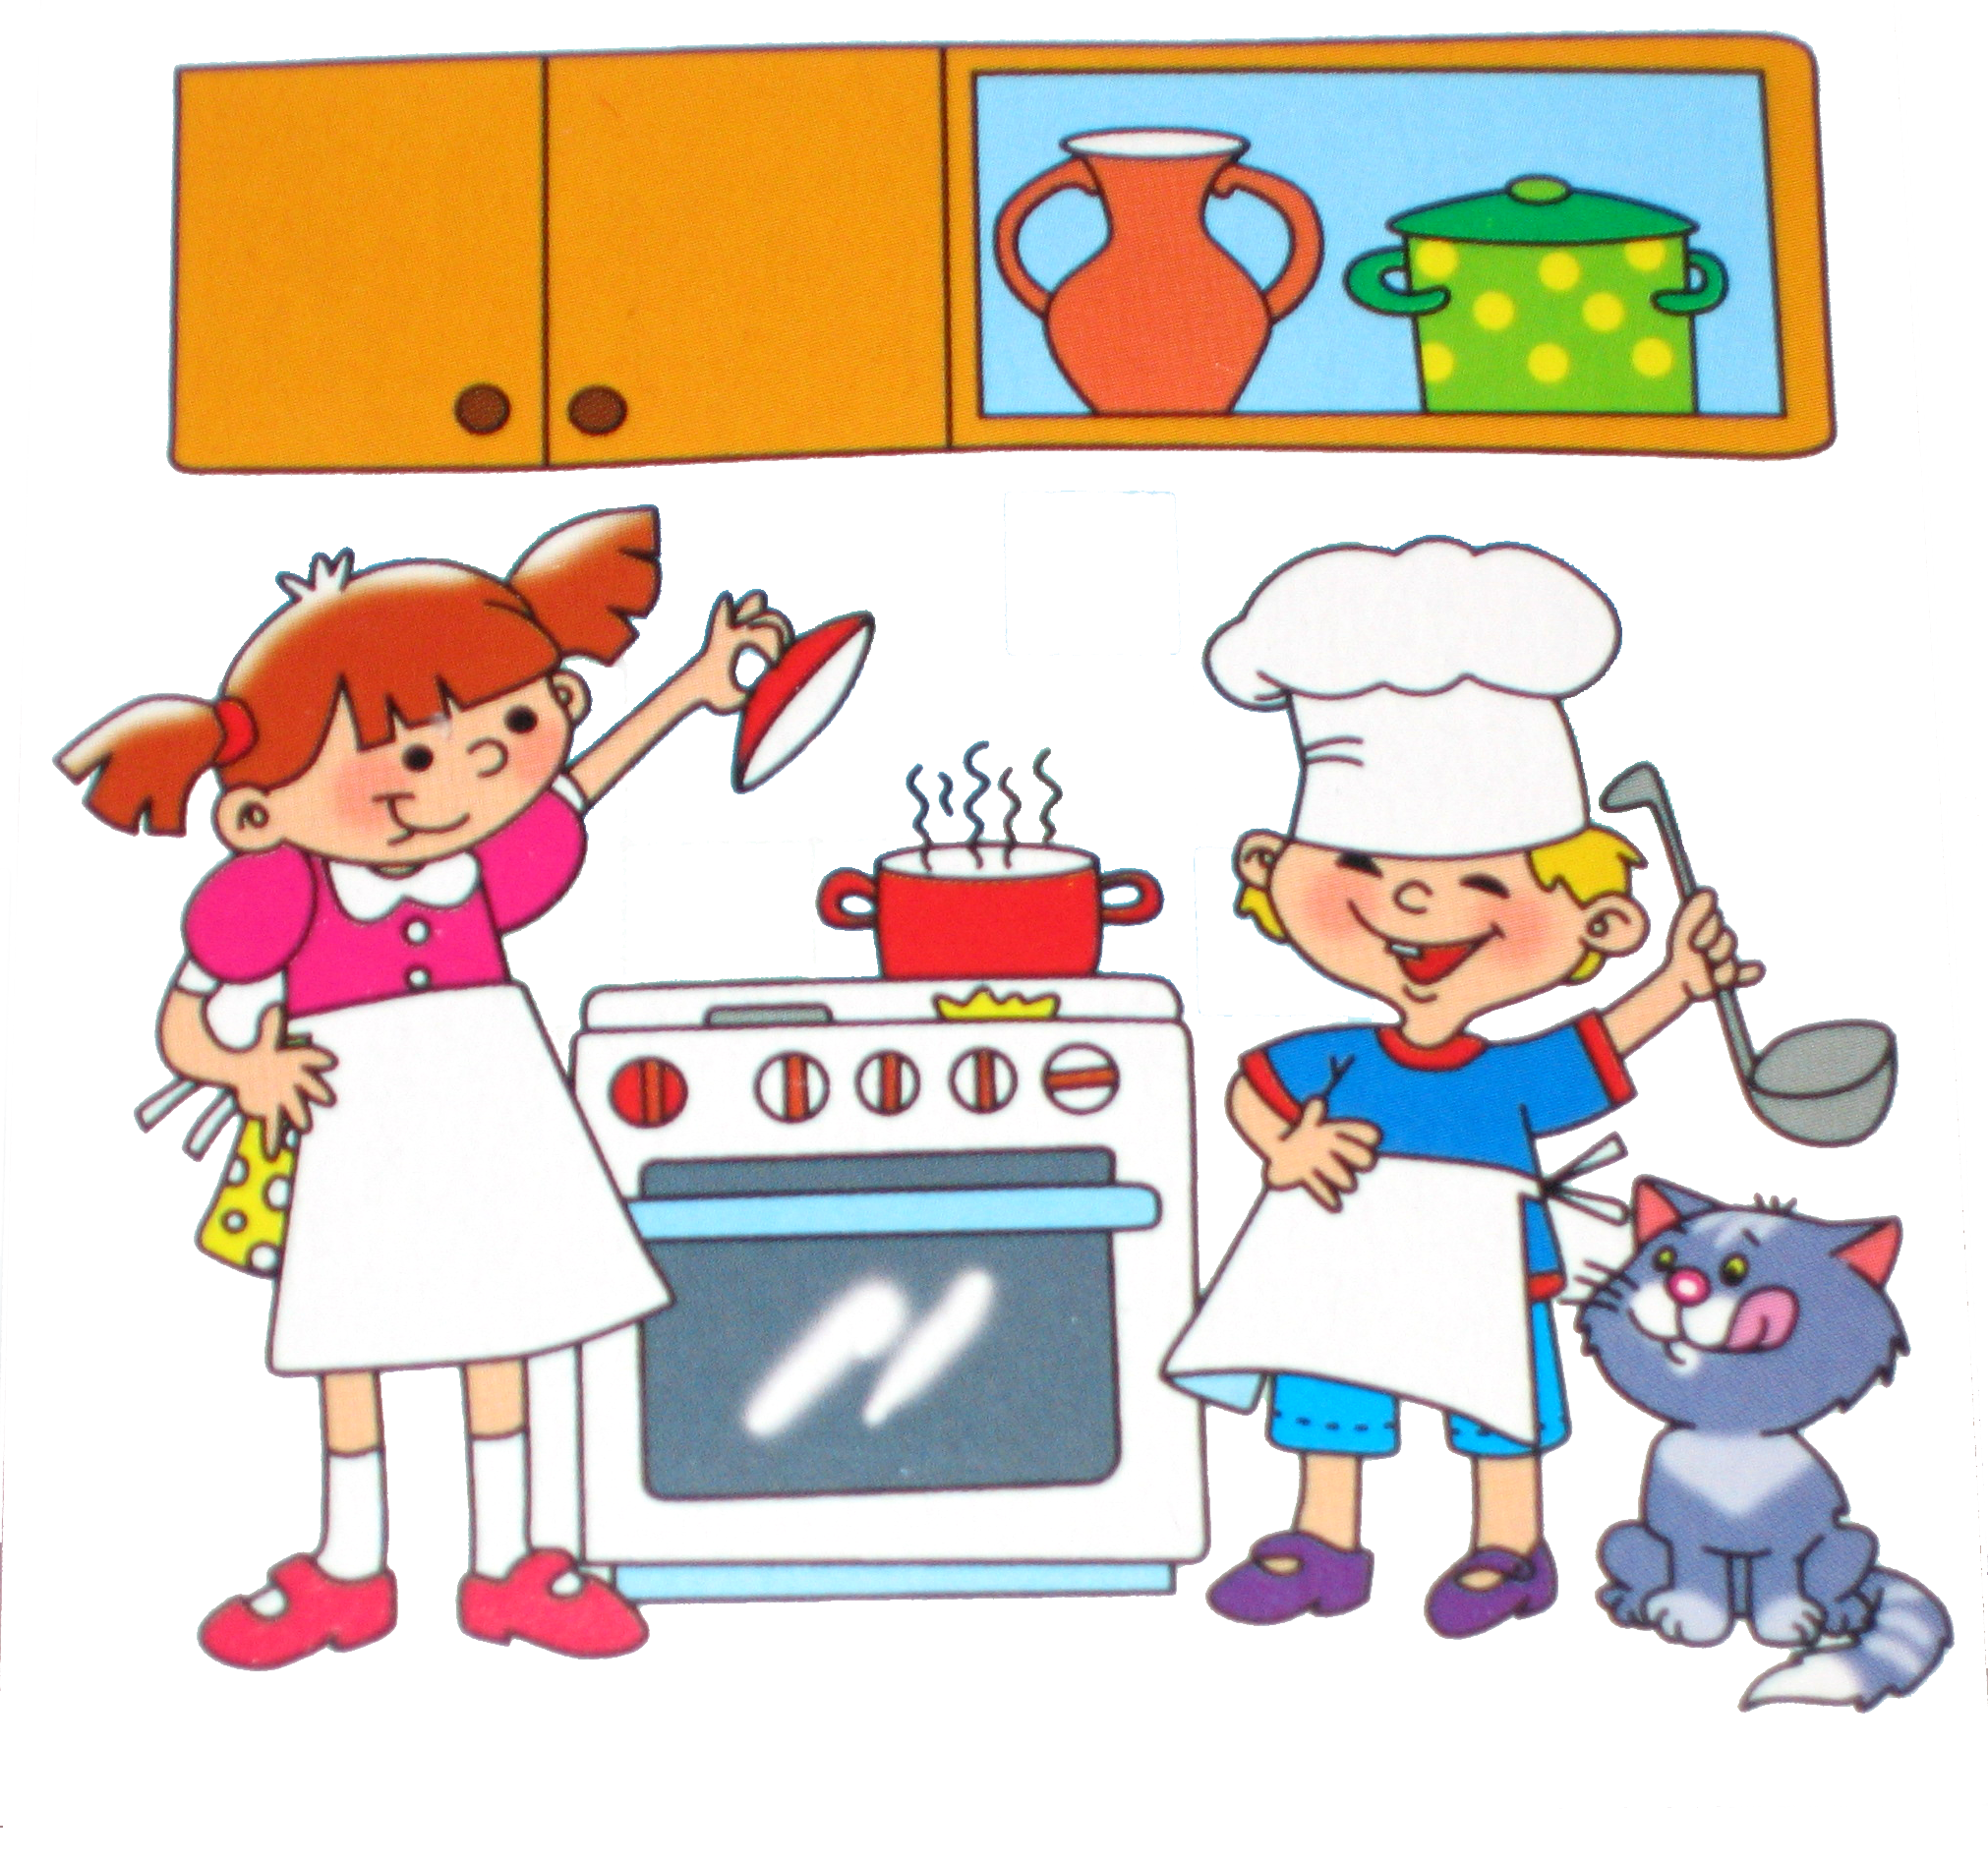 Дню рождения, кухня в картинках для детей